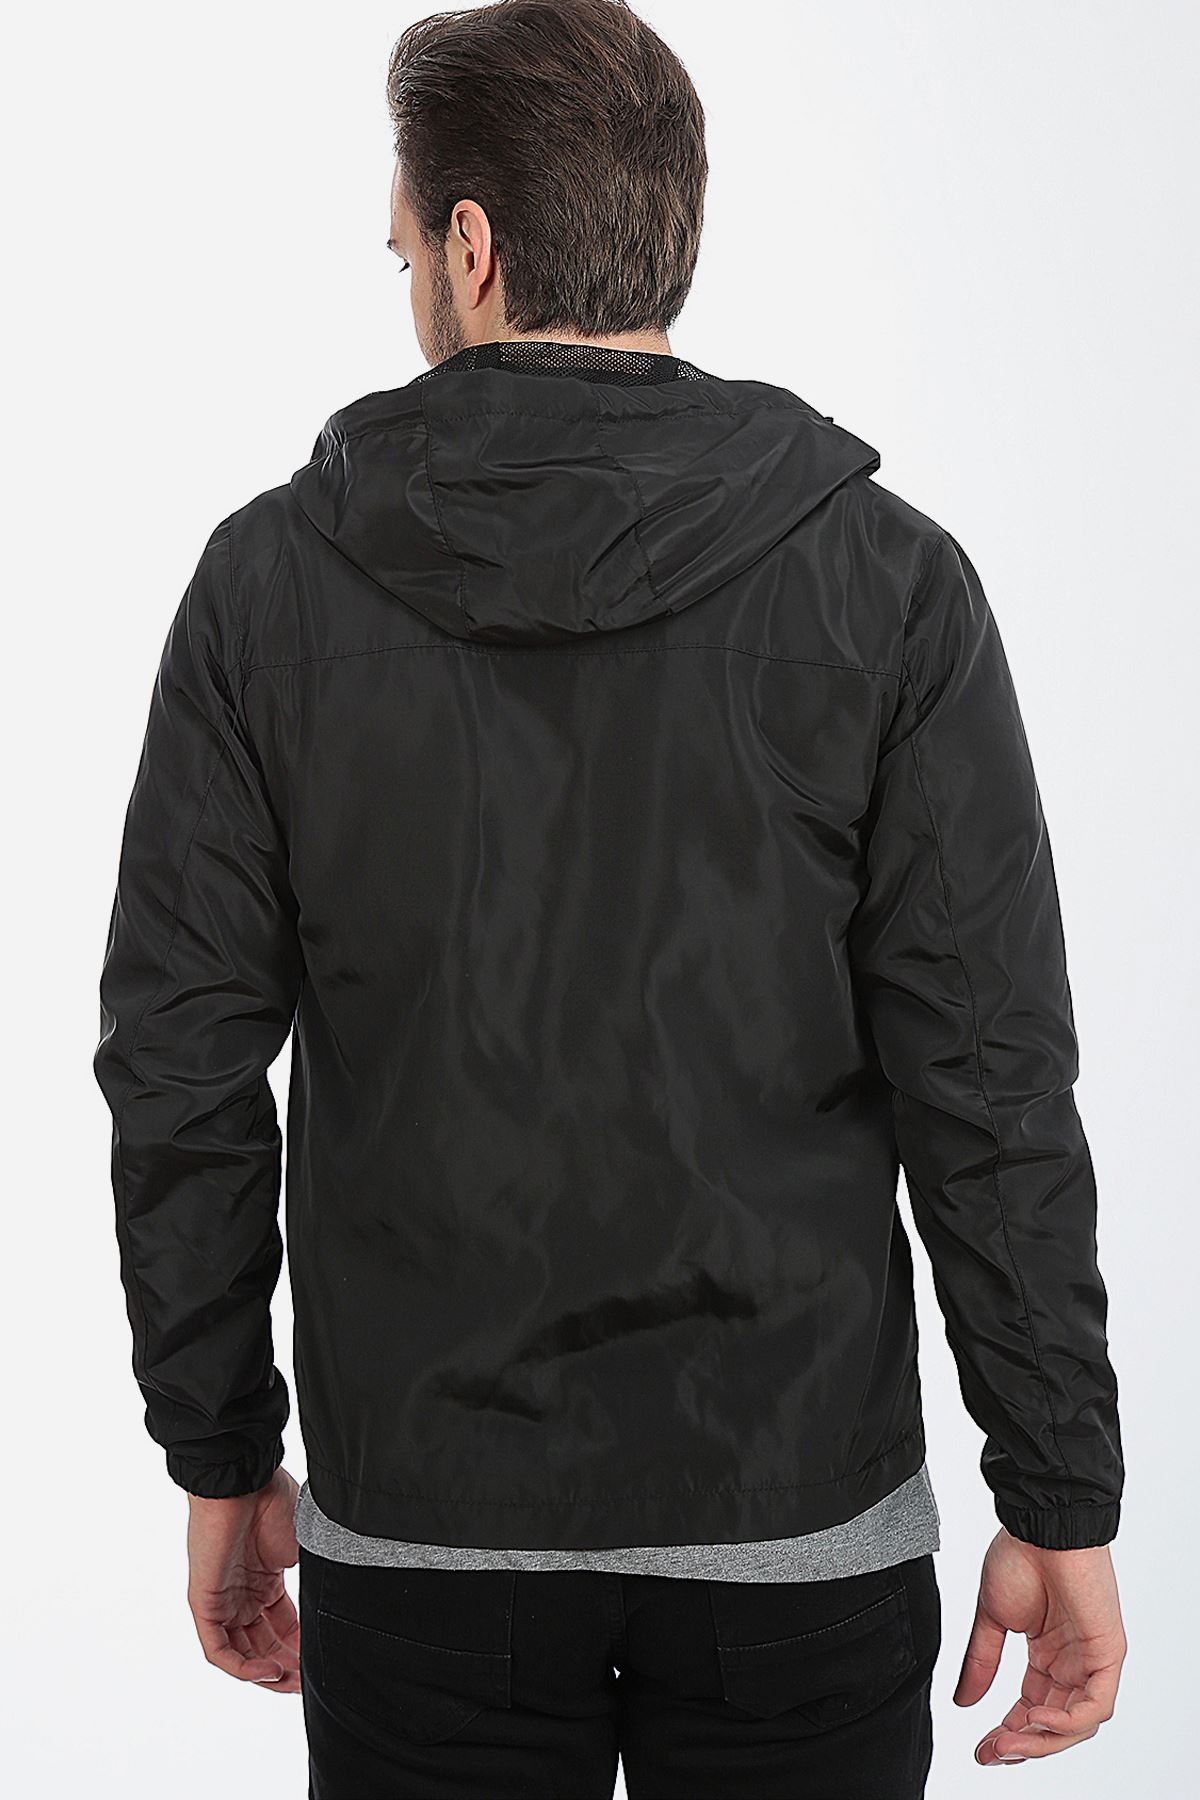 Erkek Siyah Baharlık İnce Astarlı İç cepli Hafif Ceket